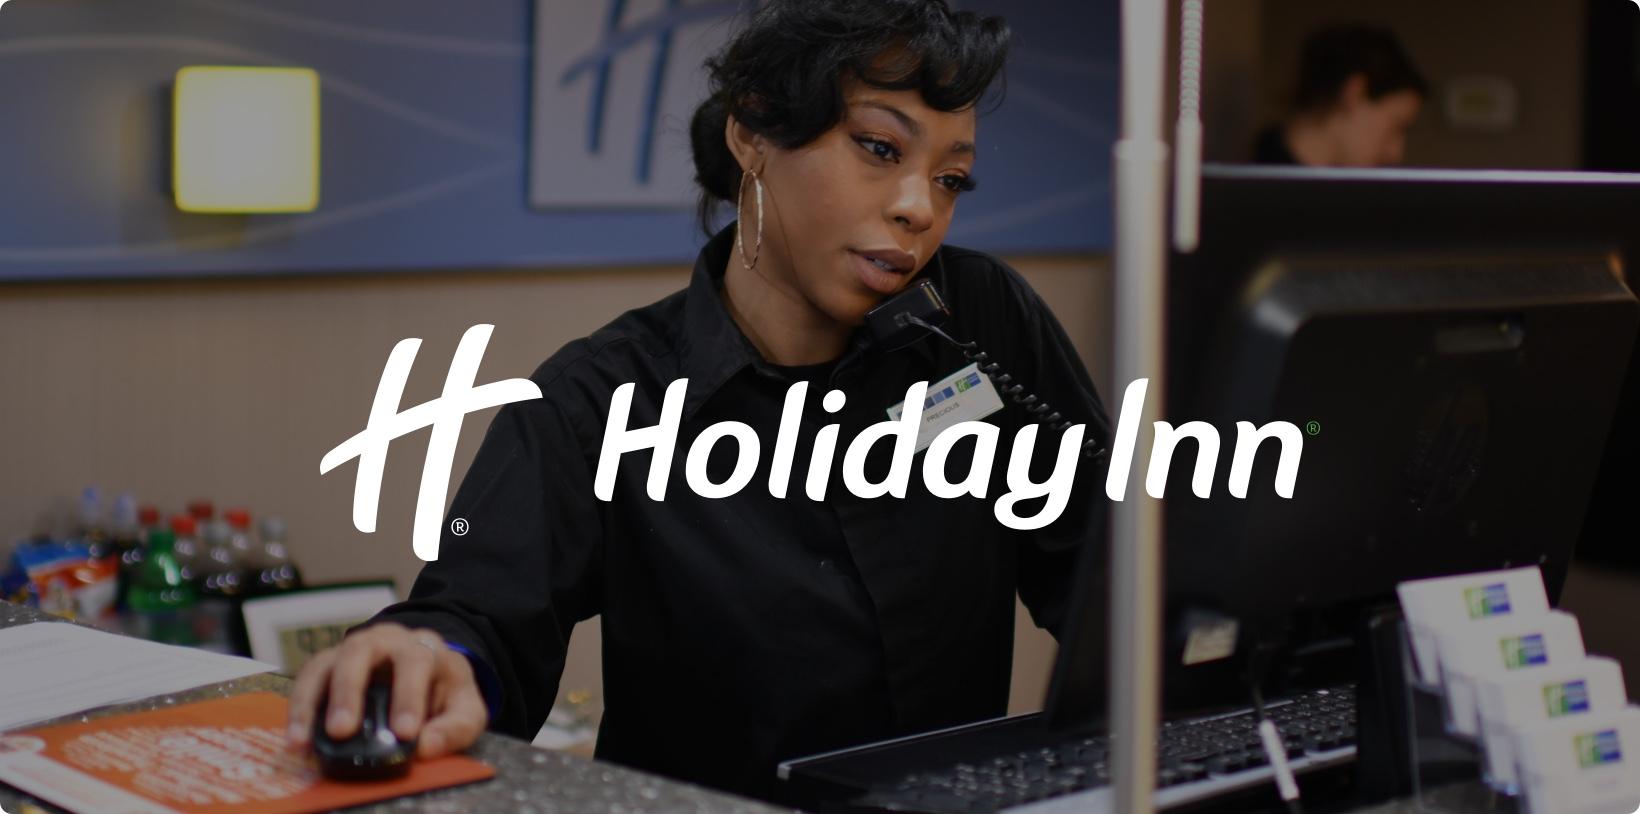 Blog_CaseStudy_HolidayInn.jpg